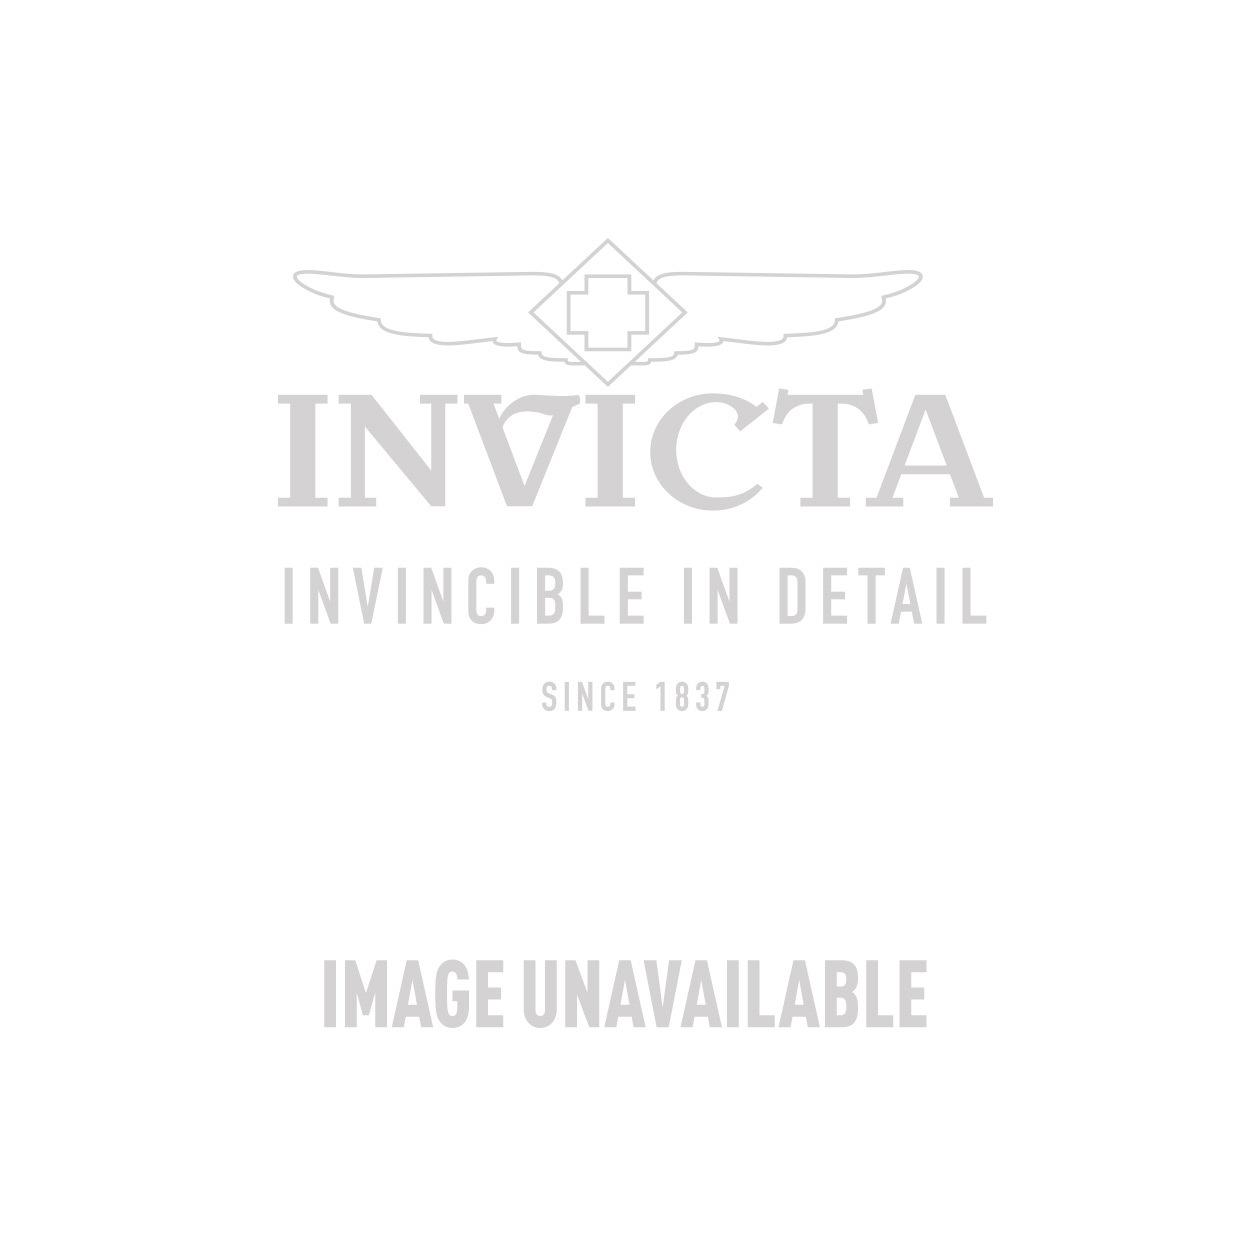 Invicta Model 28772